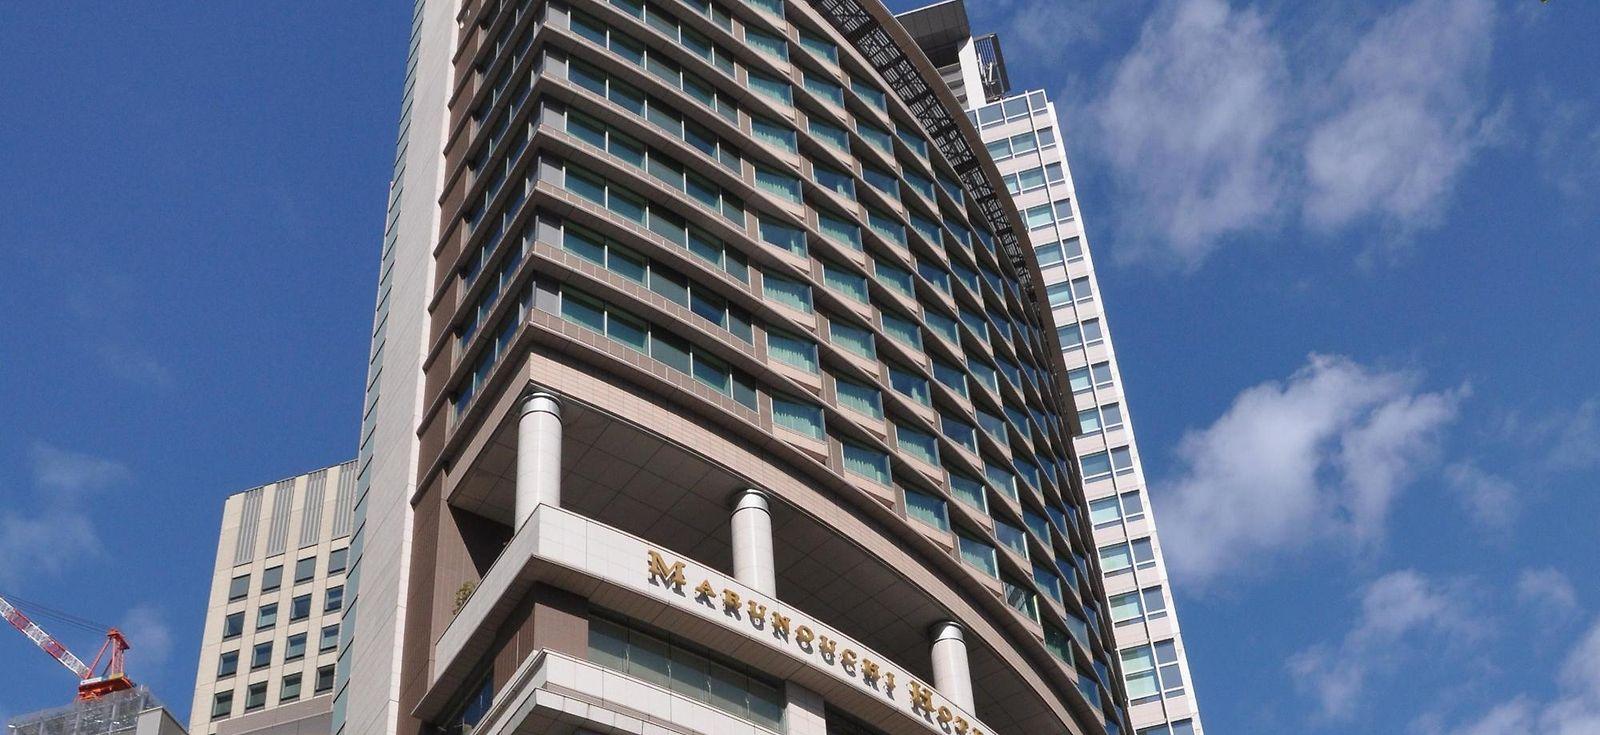 Hotel Ryumeikan Tokyo Marunouchi Hotel Tokyo